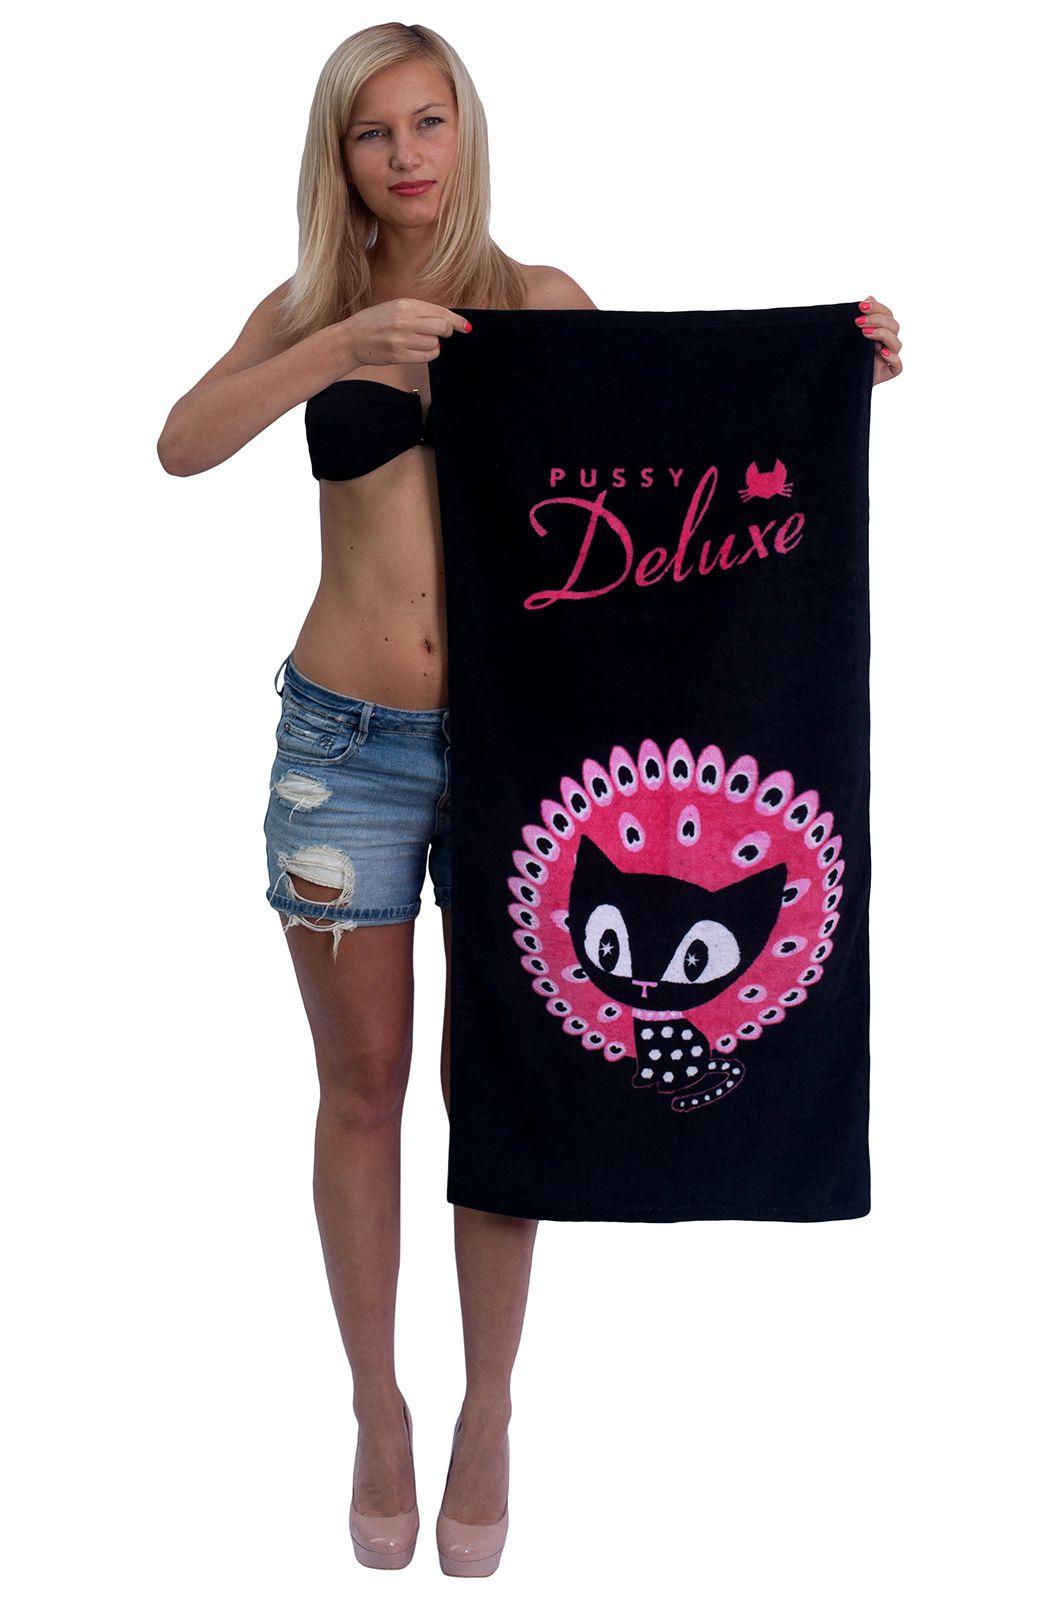 Полотенце из приятной, быстросохнущей ткани – вариант для бассейна